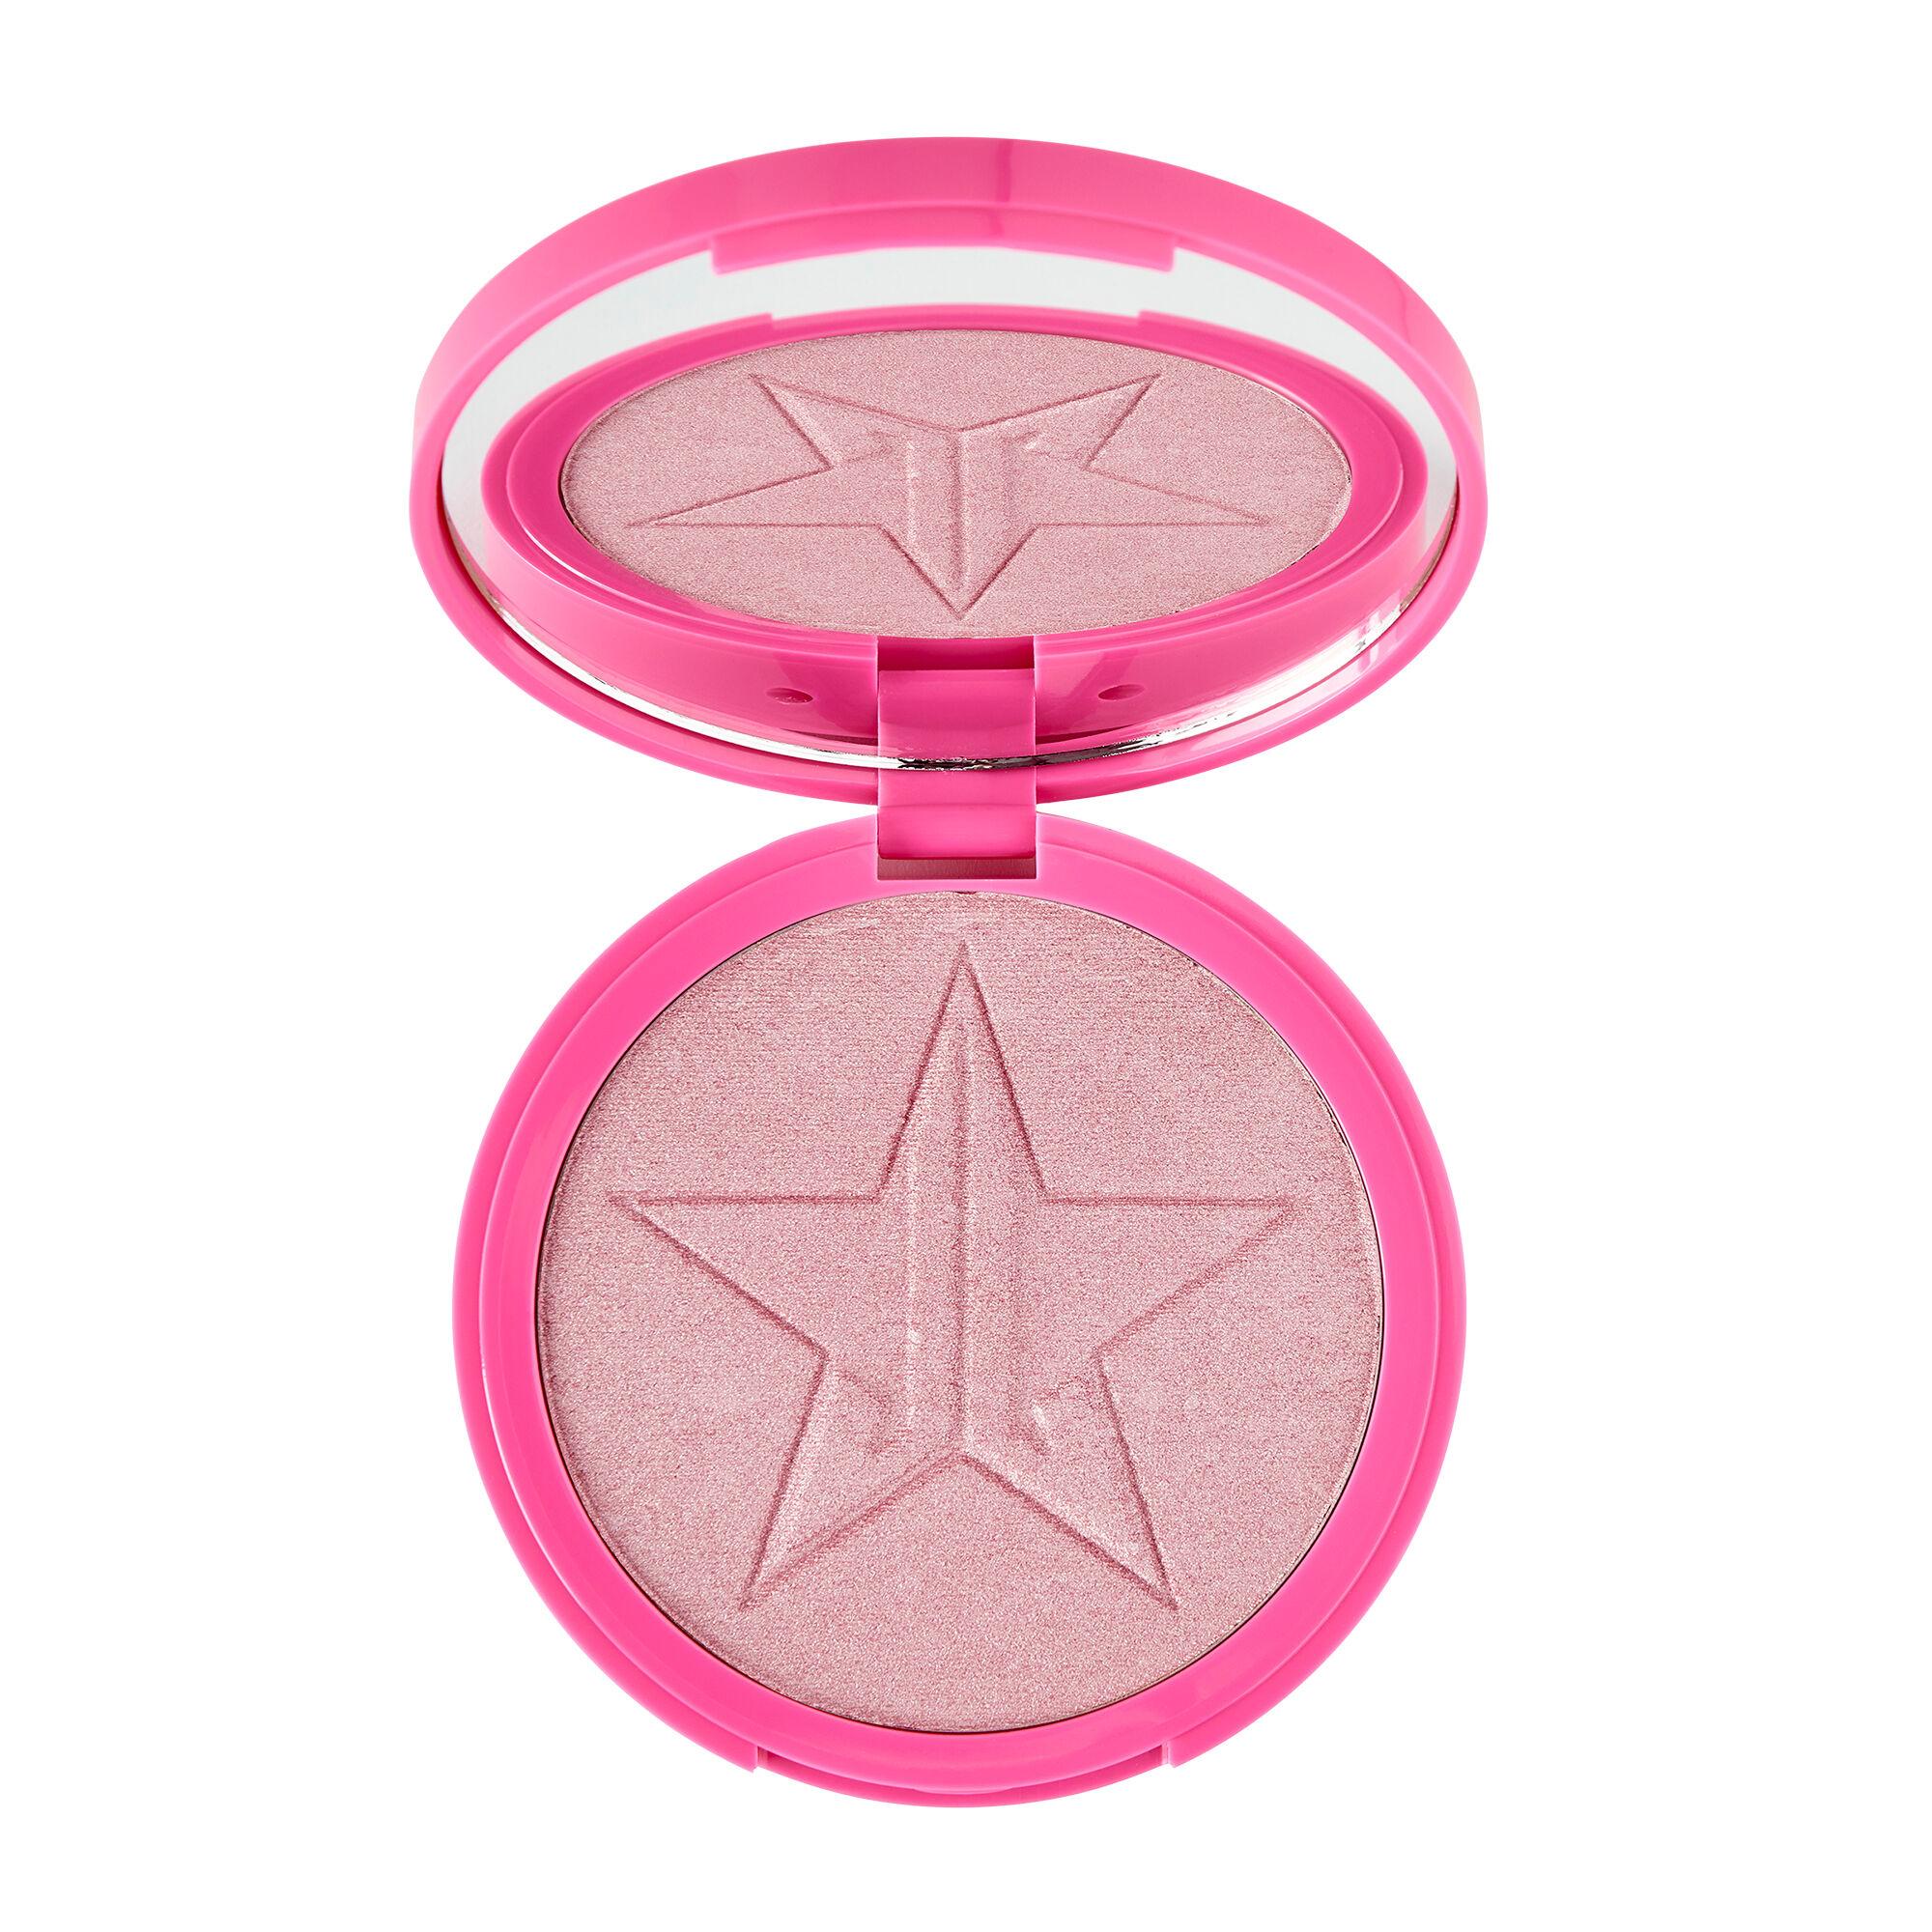 Jeffree Star Cosmetics Skin Frost Princess Cut 15g